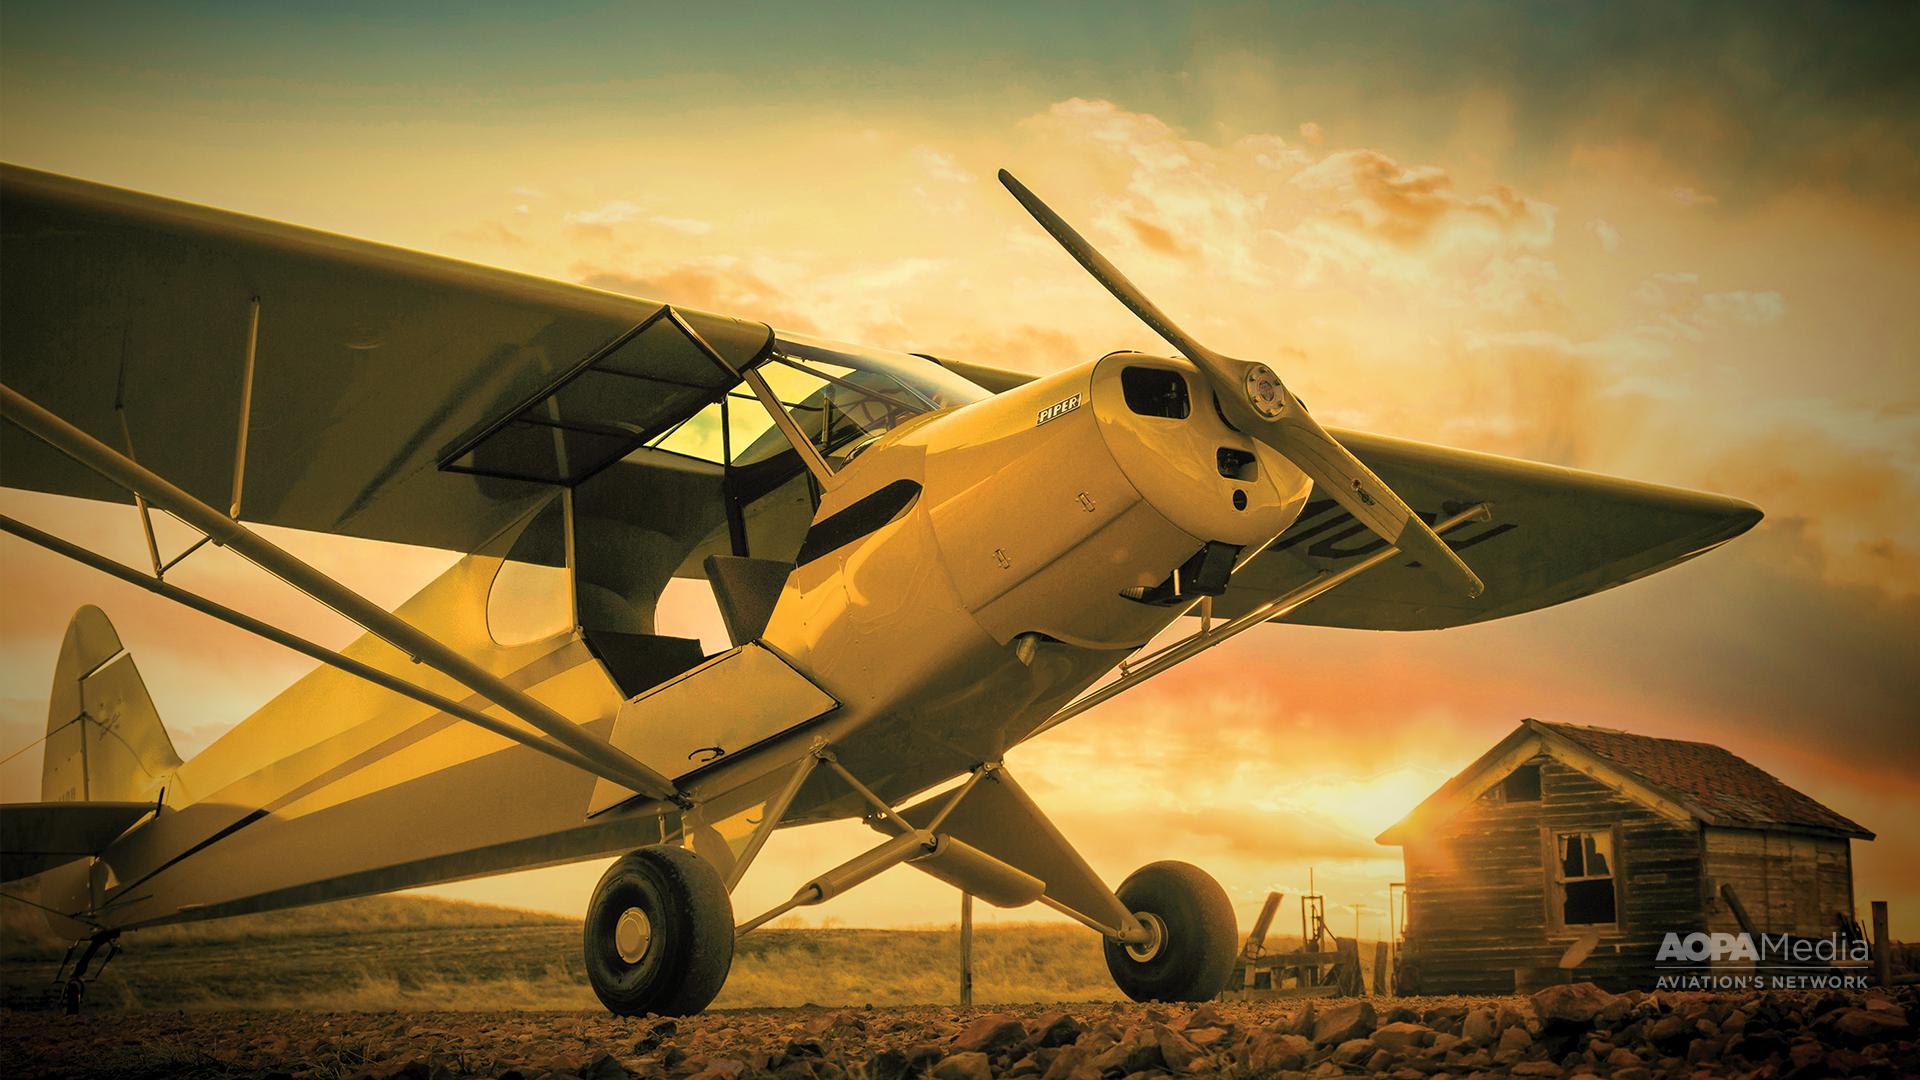 Piper PA 18 Super Cub 1920x1080